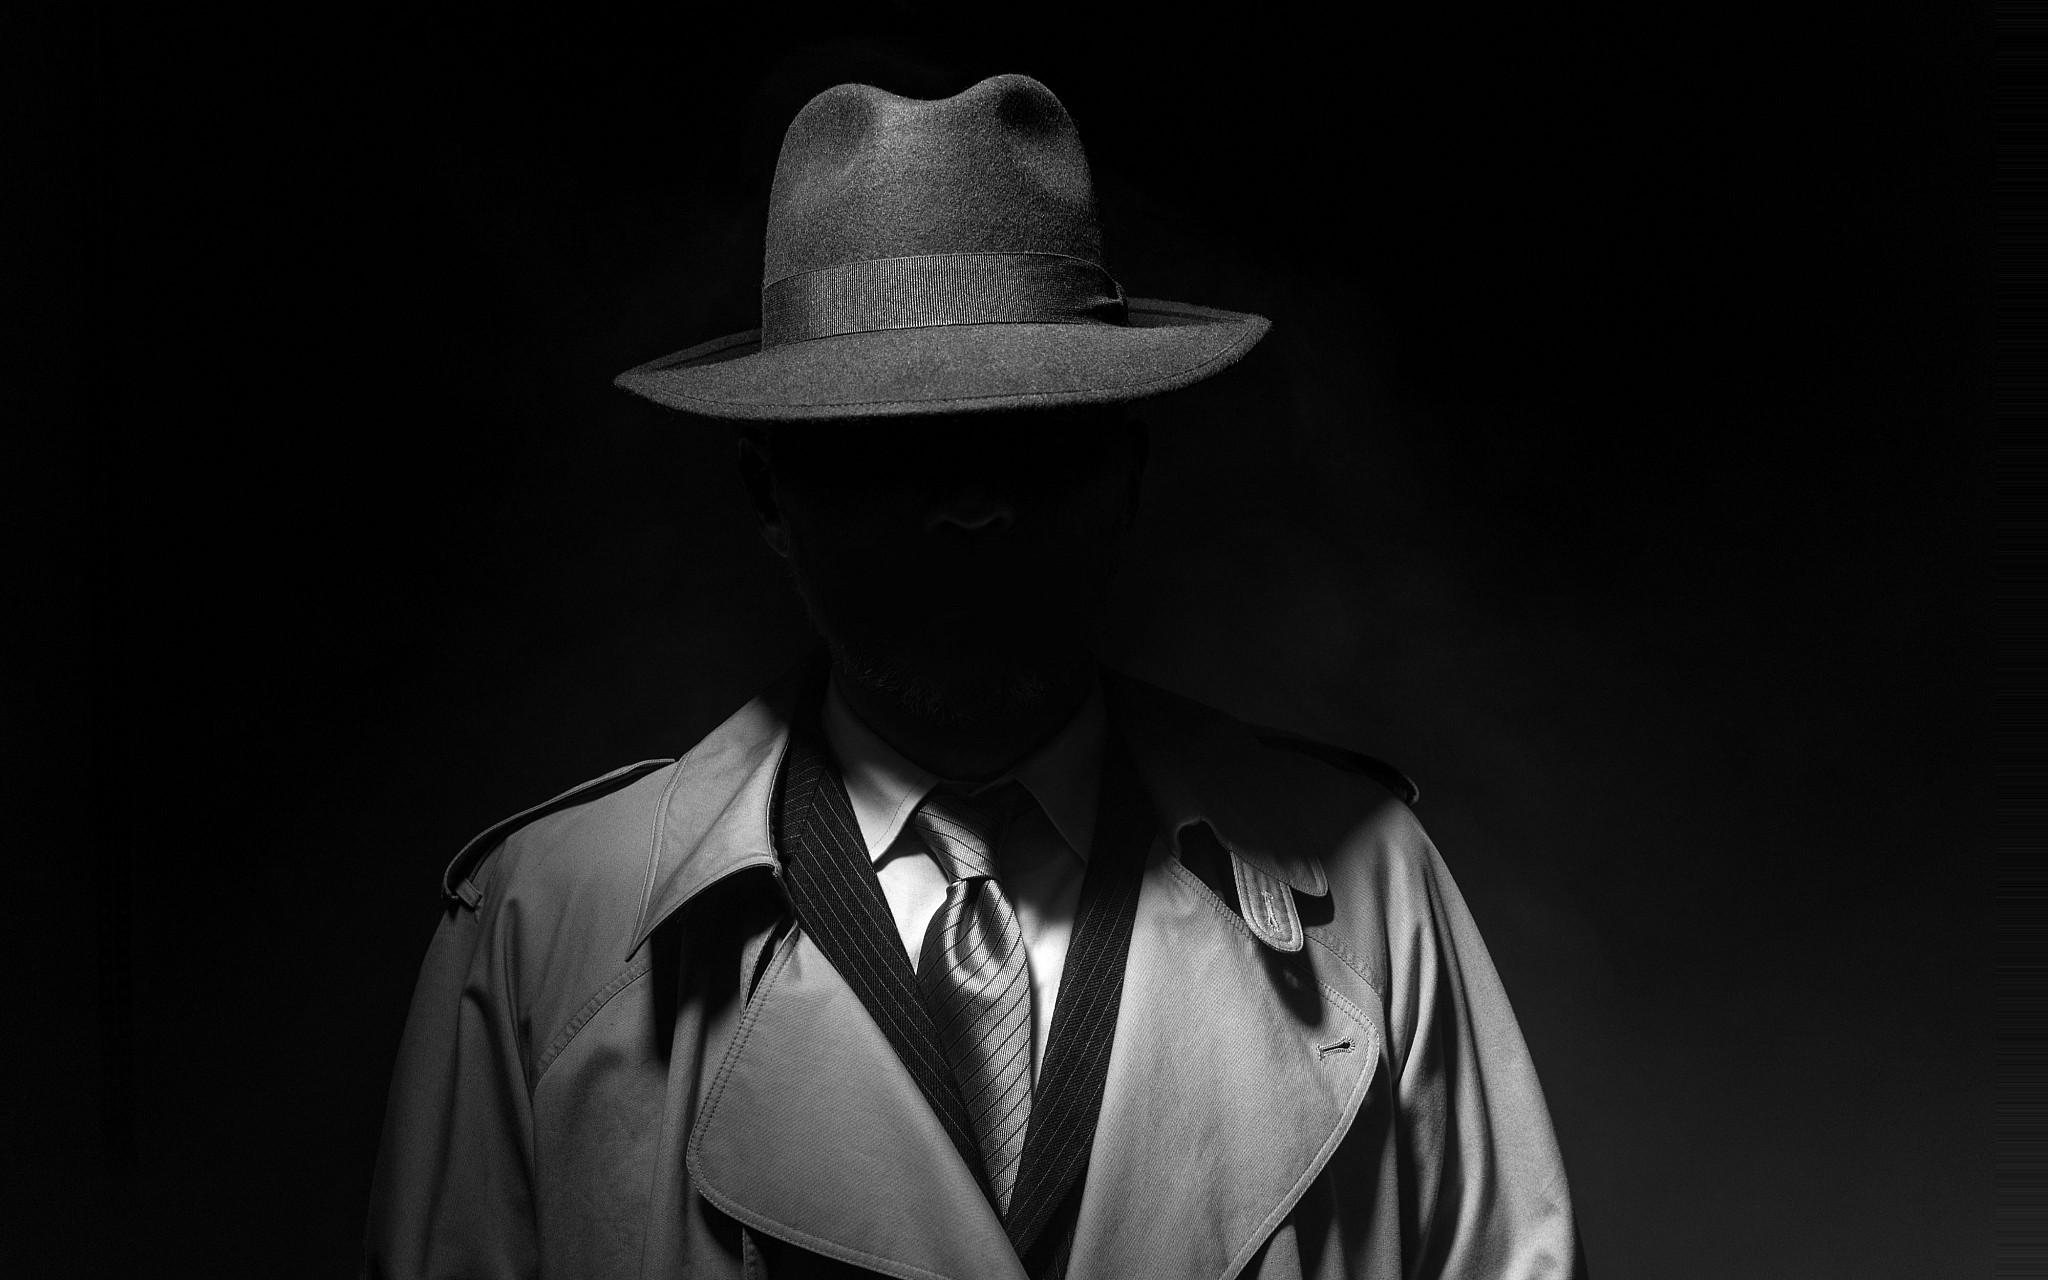 Espía capturado en Venezuela trabajó 10 años en Irak para la CIA